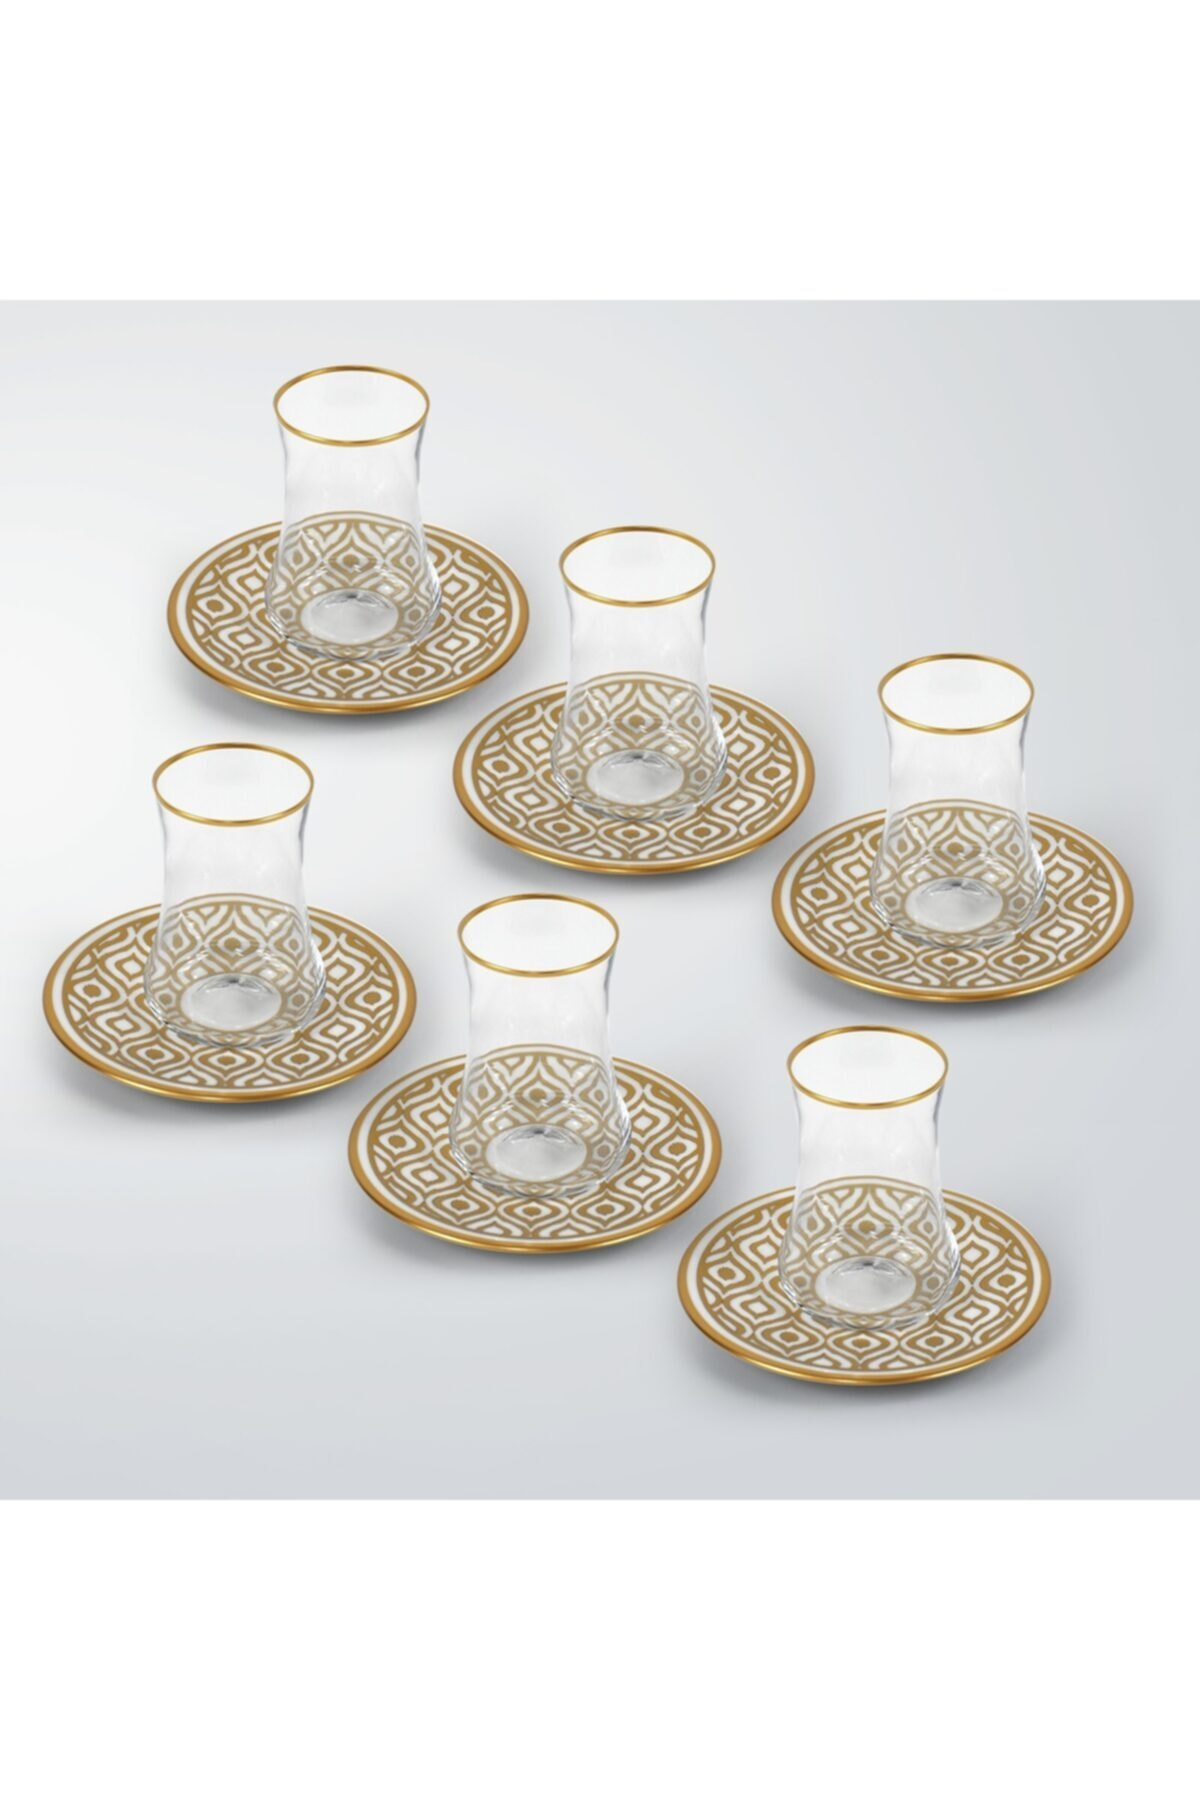 Koleksiyon1 Dervish Ikat Gold 6'lı Çay Seti  31000040258 2